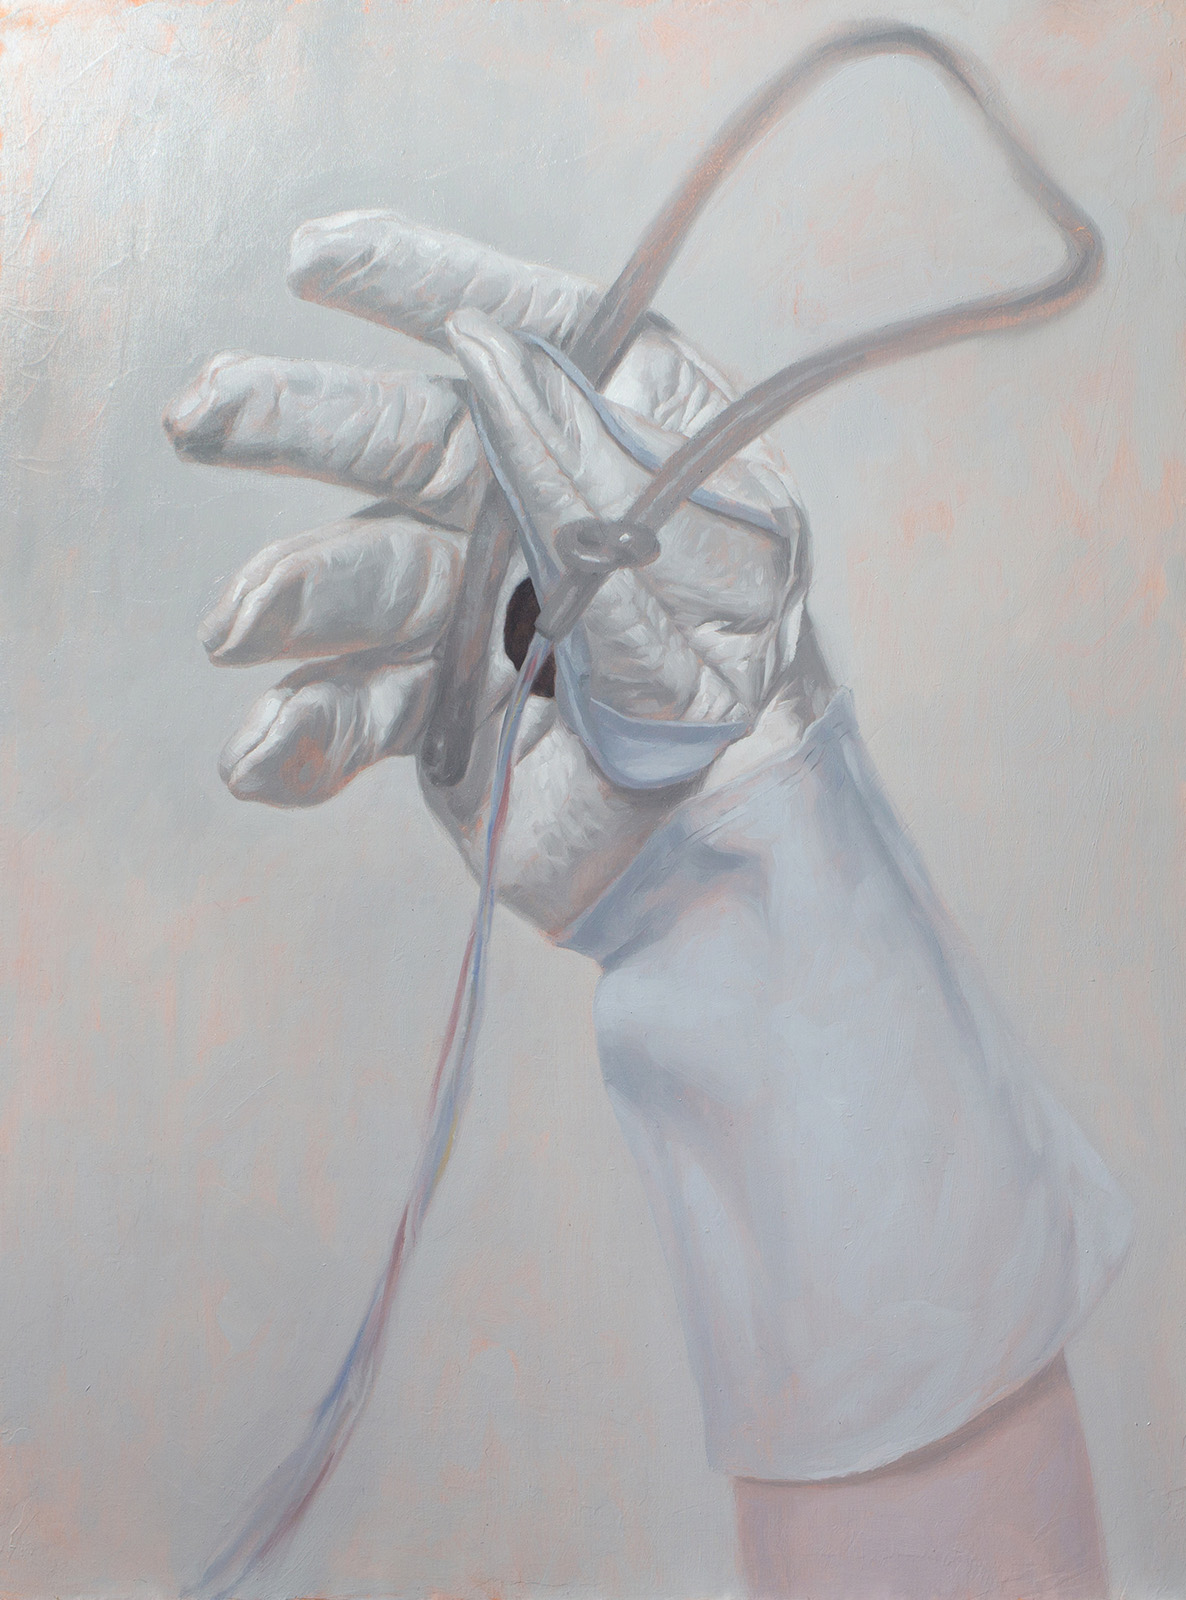 Unfinished #17, Stigmata